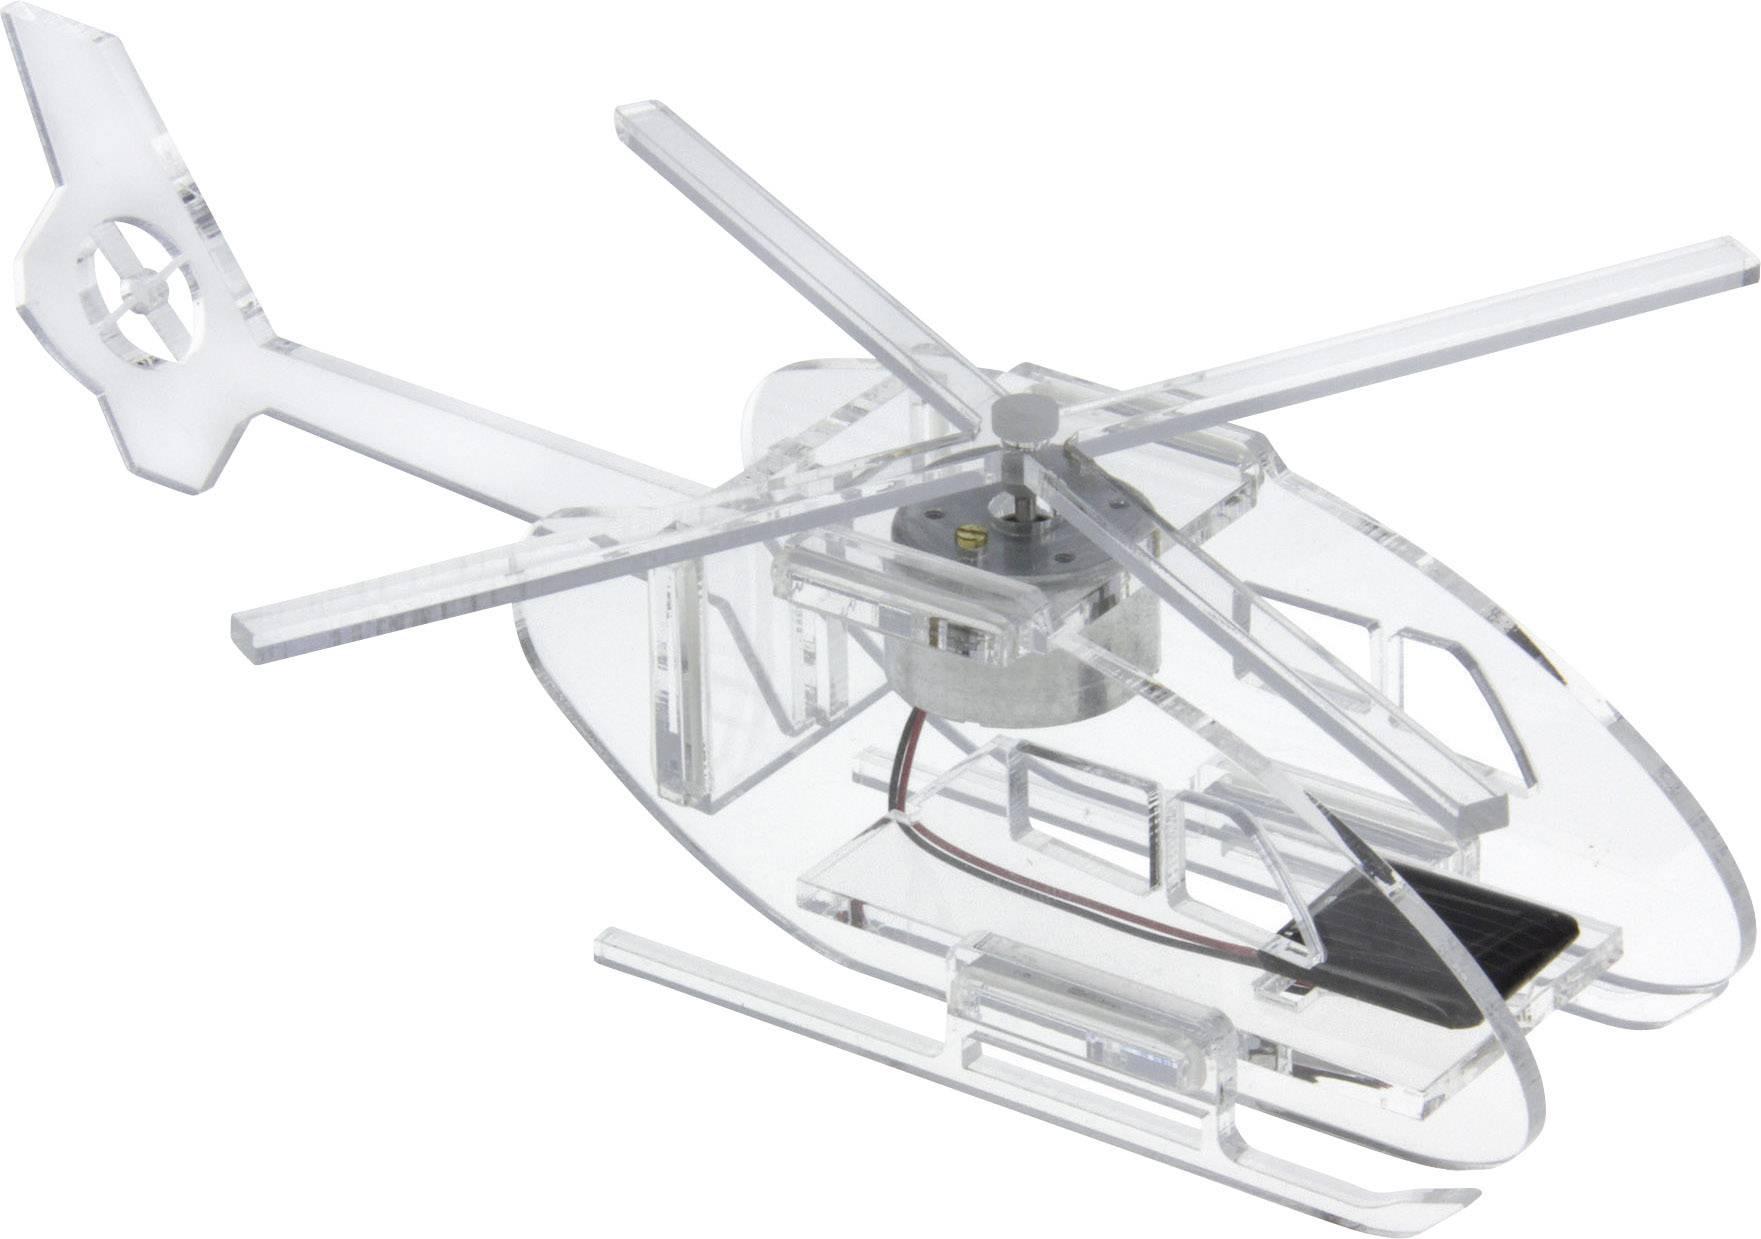 Solární vrtule Sol Expert Hubschrauber Acryl (51002), 19 cm x 4,5 cm x 6 cm